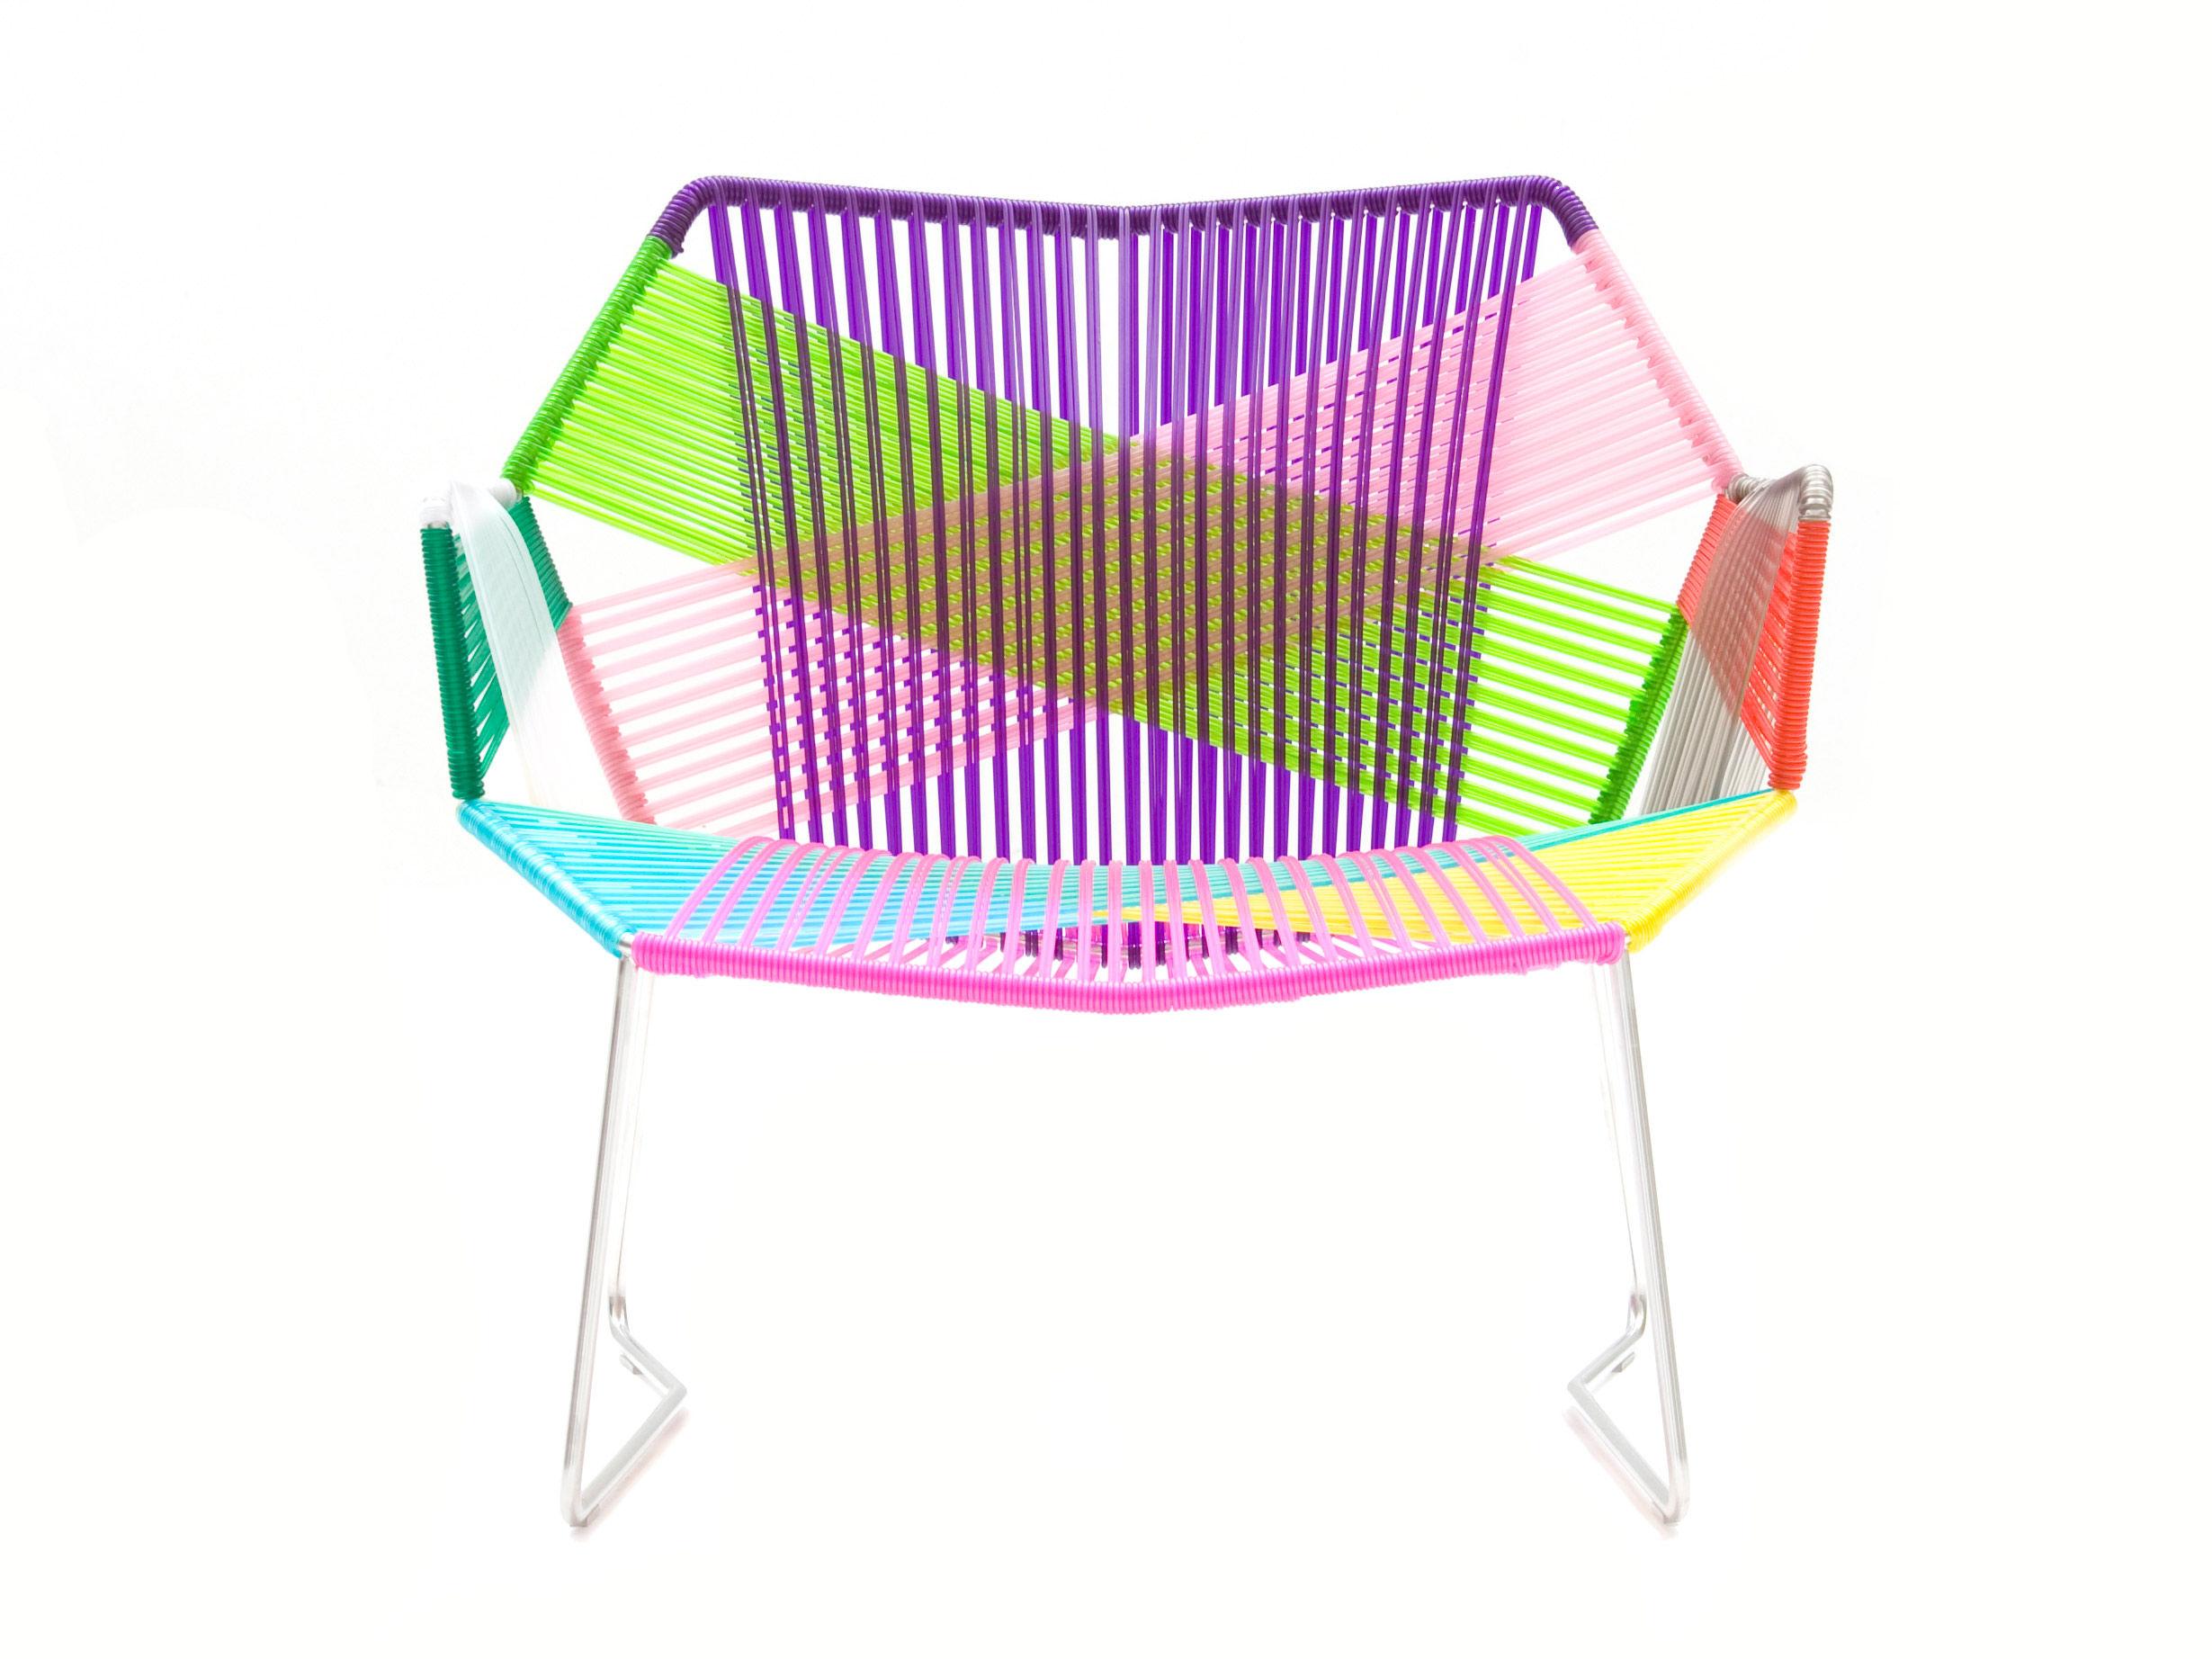 Arredamento - Poltrone design  - Poltrona bassa Tropicalia - Con braccioli di Moroso - Motivi Carnival / Struttura inox - Acciaio inossidabile